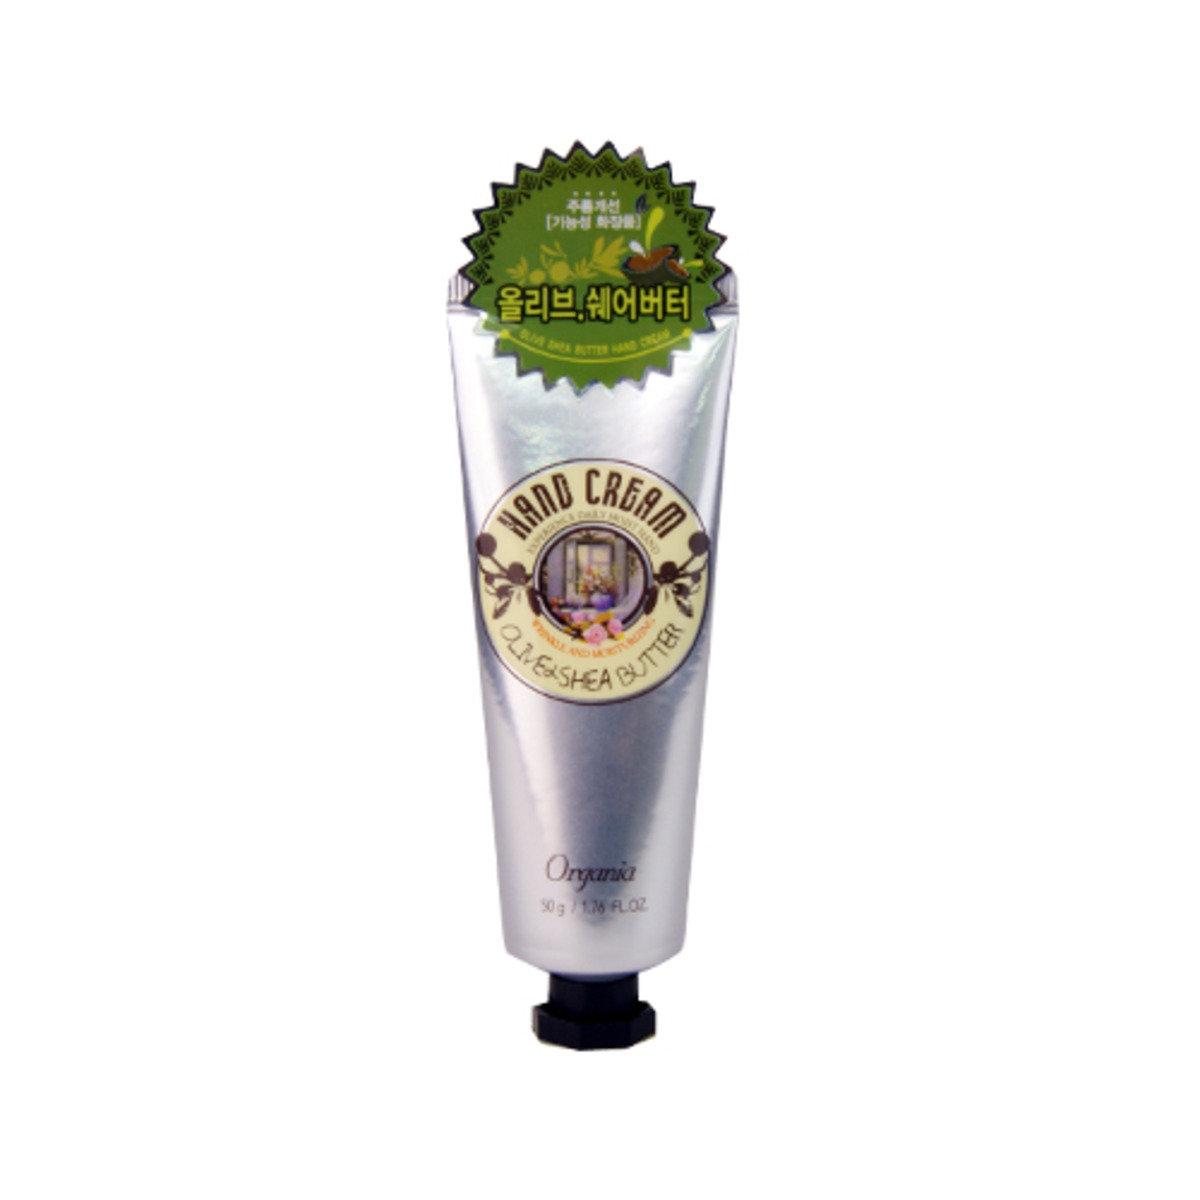 橄欖乳木果護手霜 50克